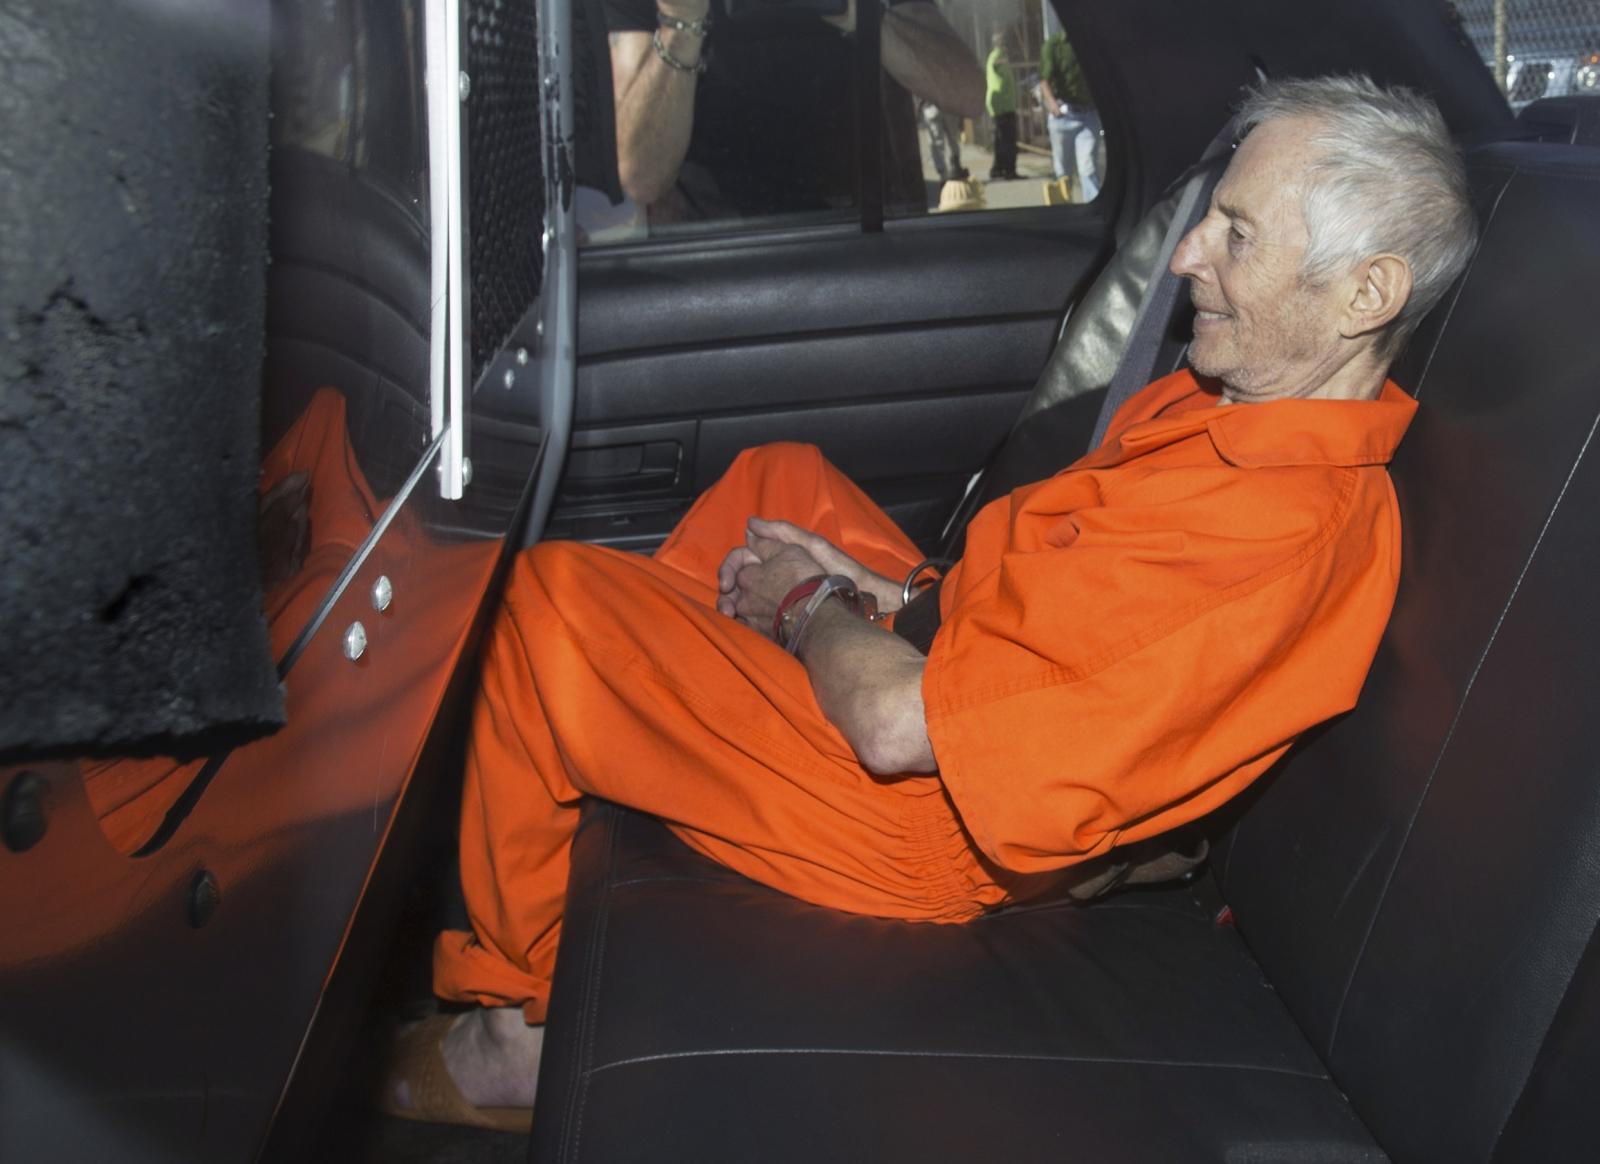 Millionaire Robert Durst murder charges